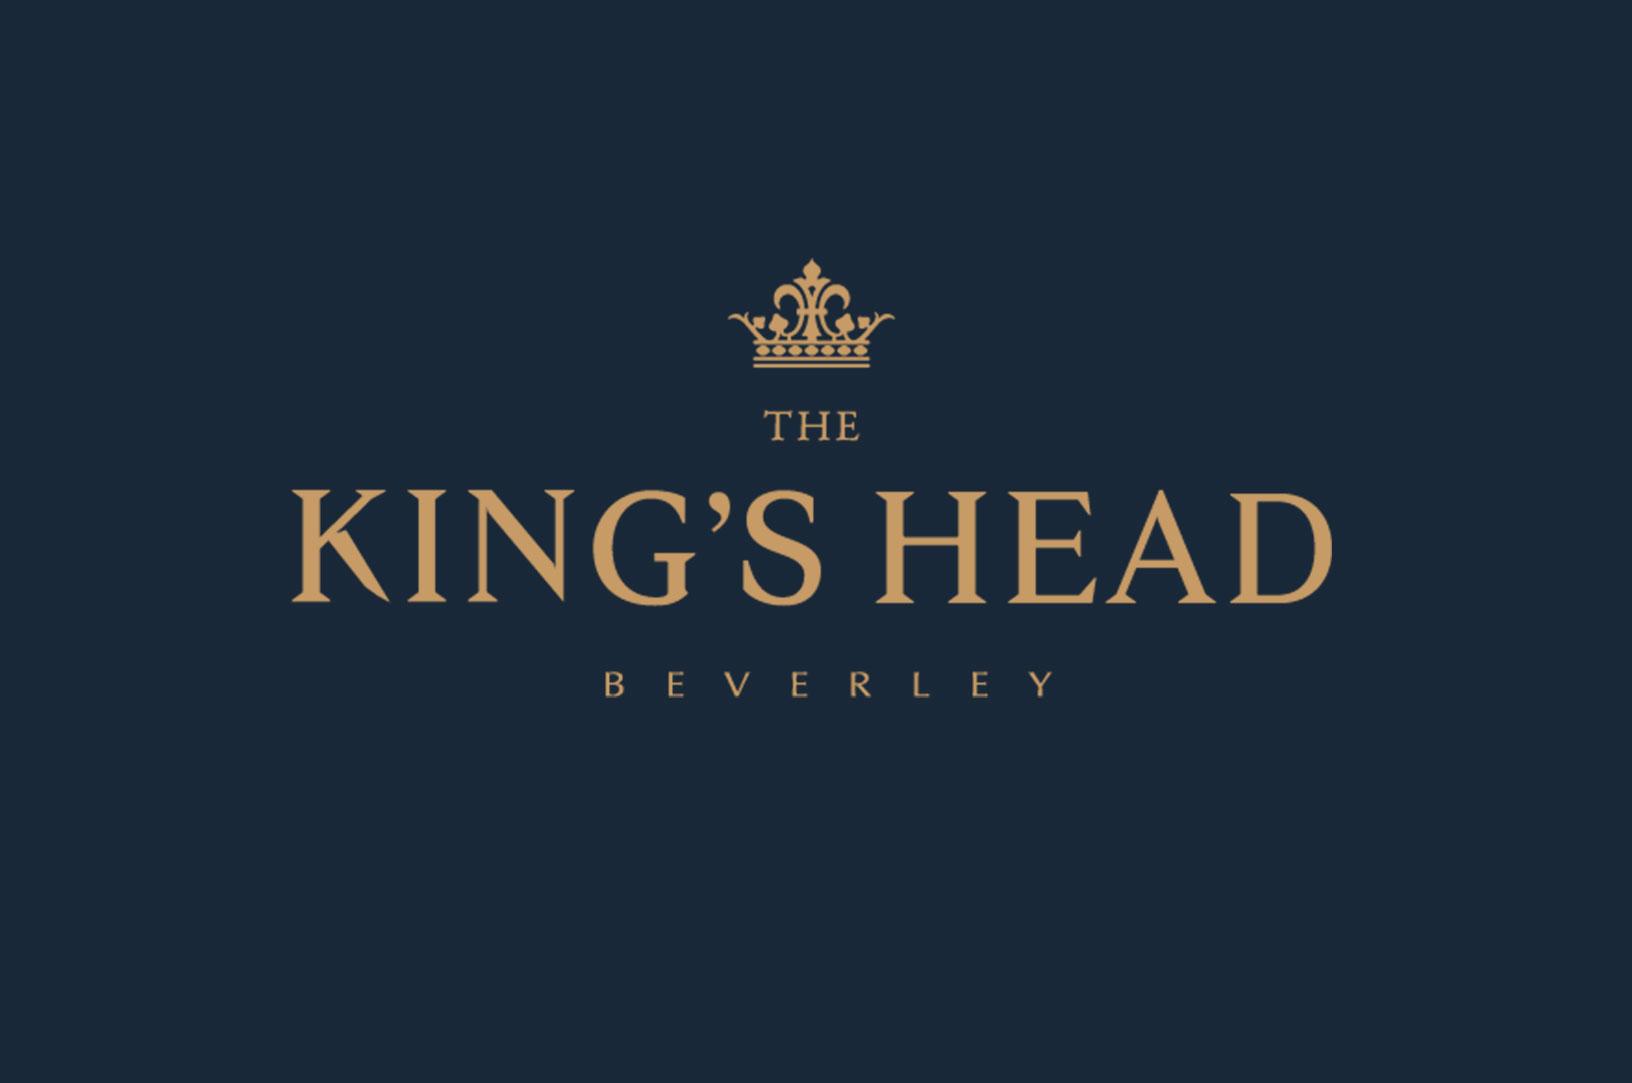 Kings Head Hotel In Hull The Kings Head Pub Beverley